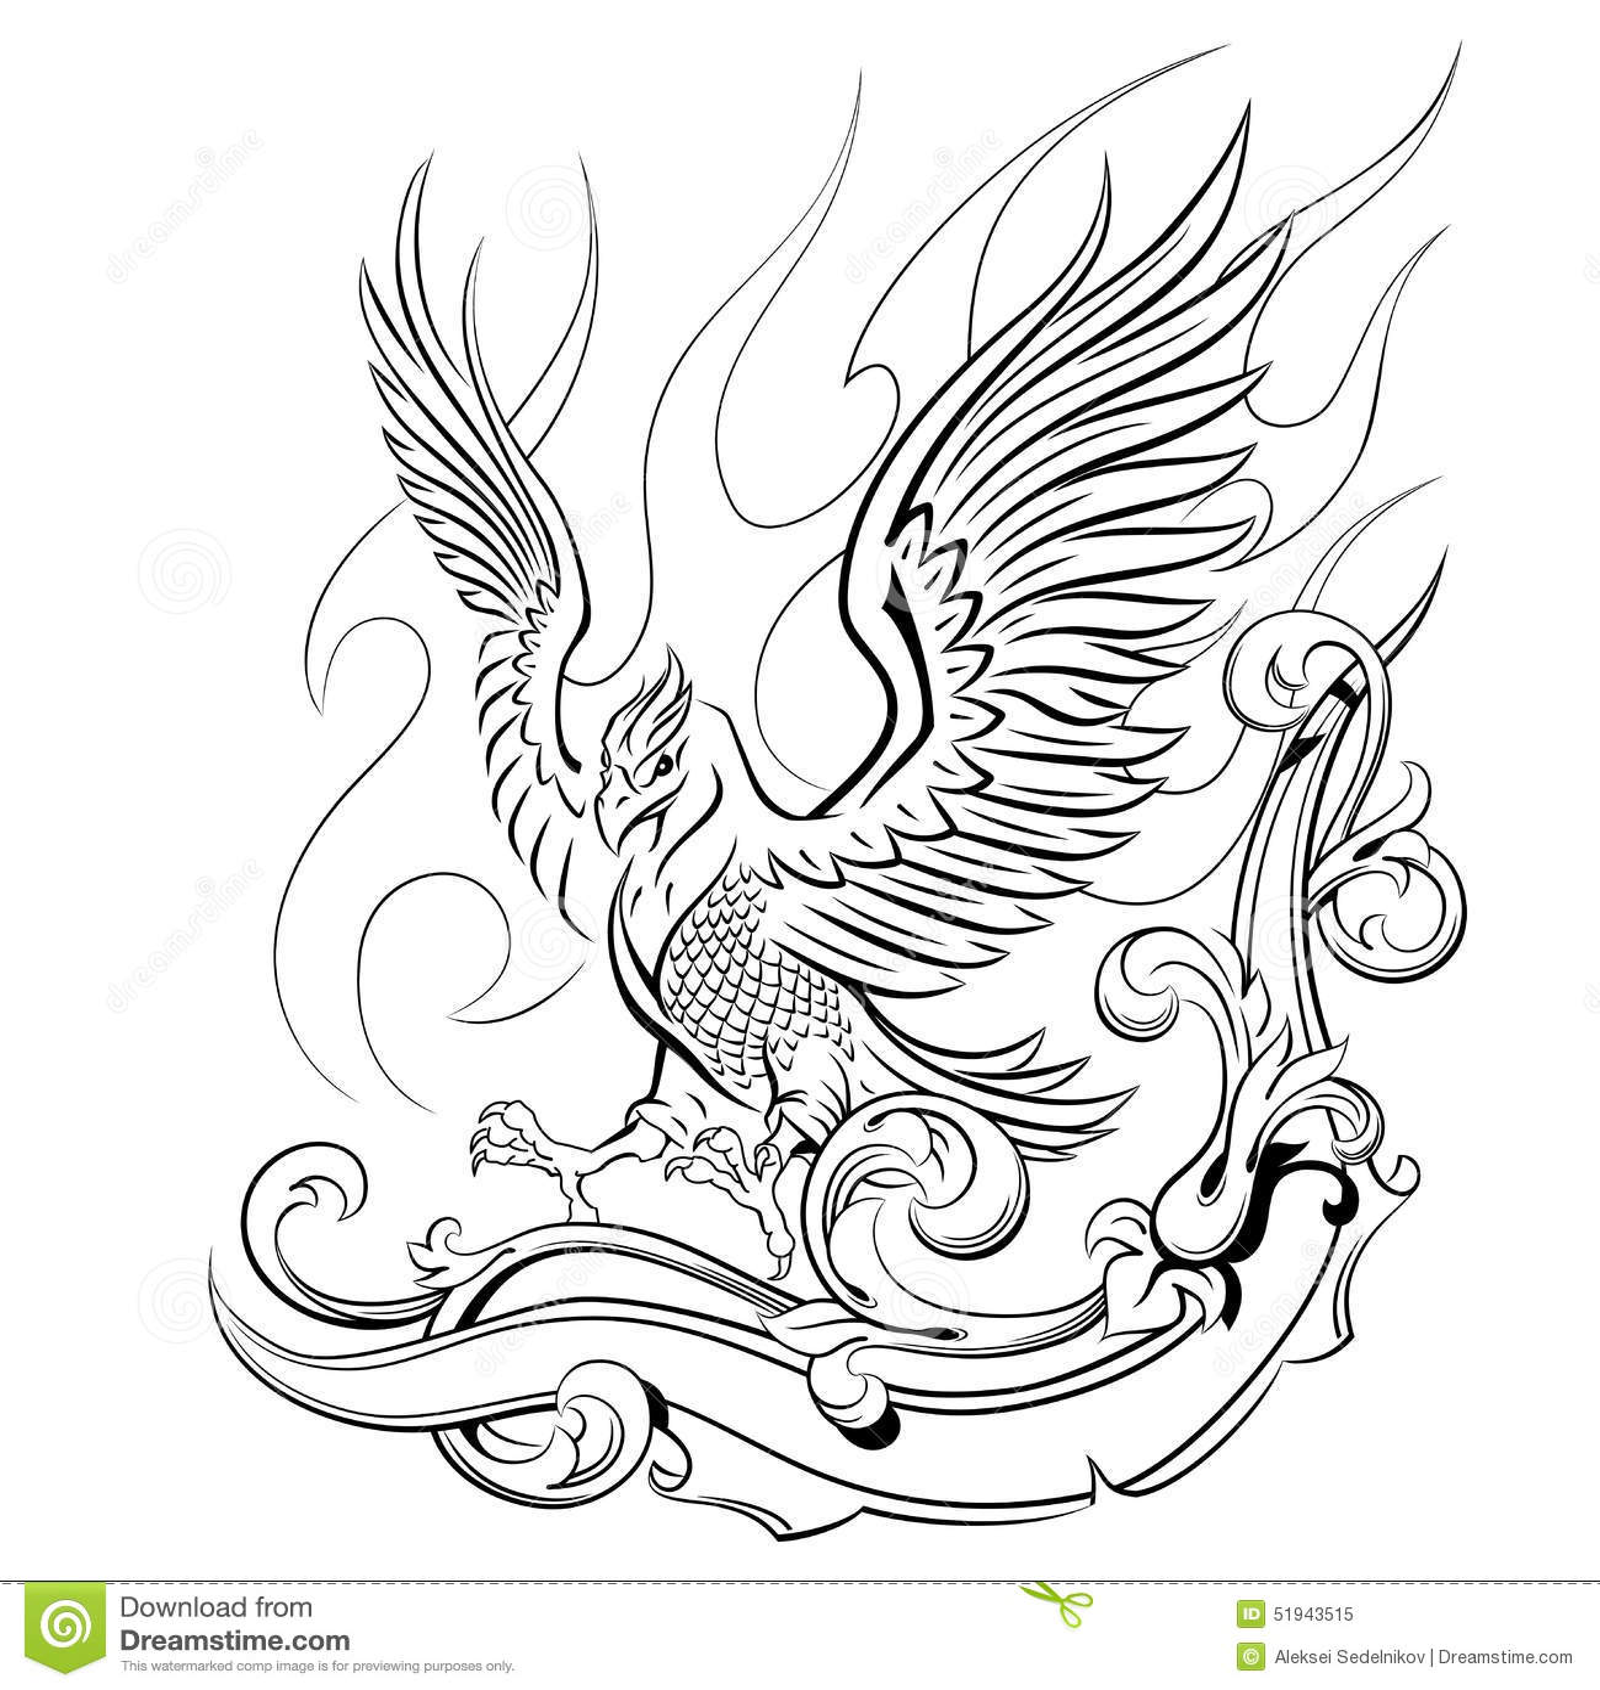 how to draw a phoenix firebird